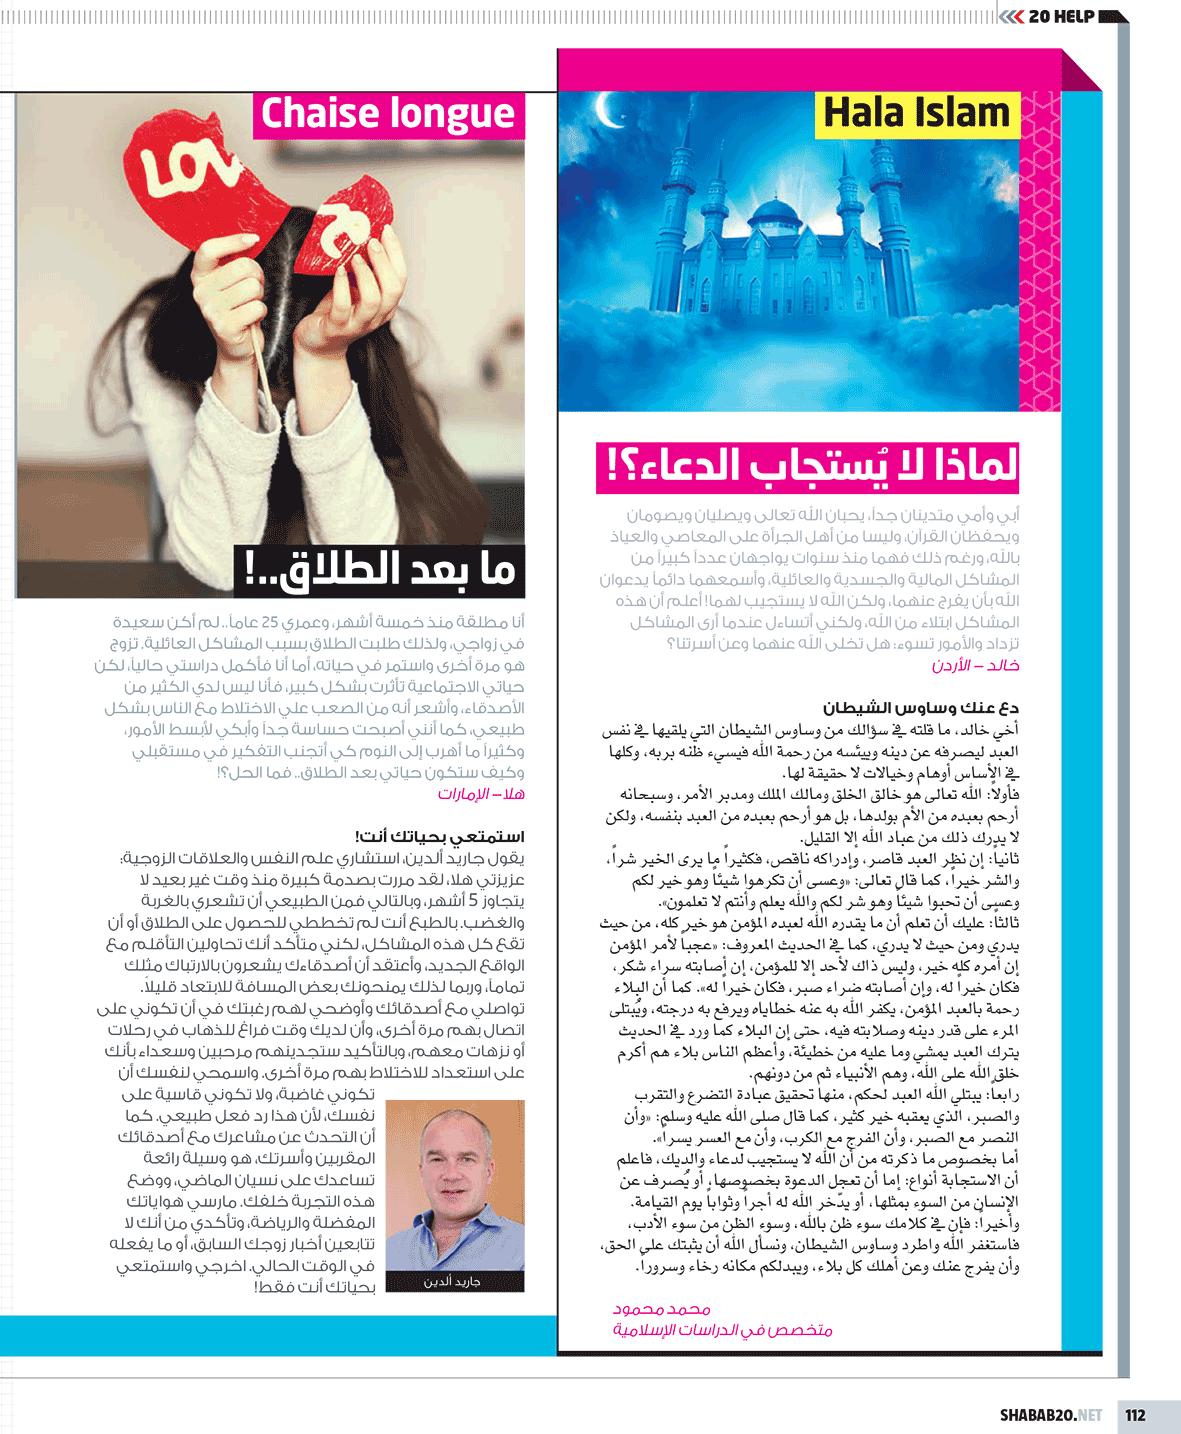 Dubai Counsellor Jared - featured in Al Sada Magazine